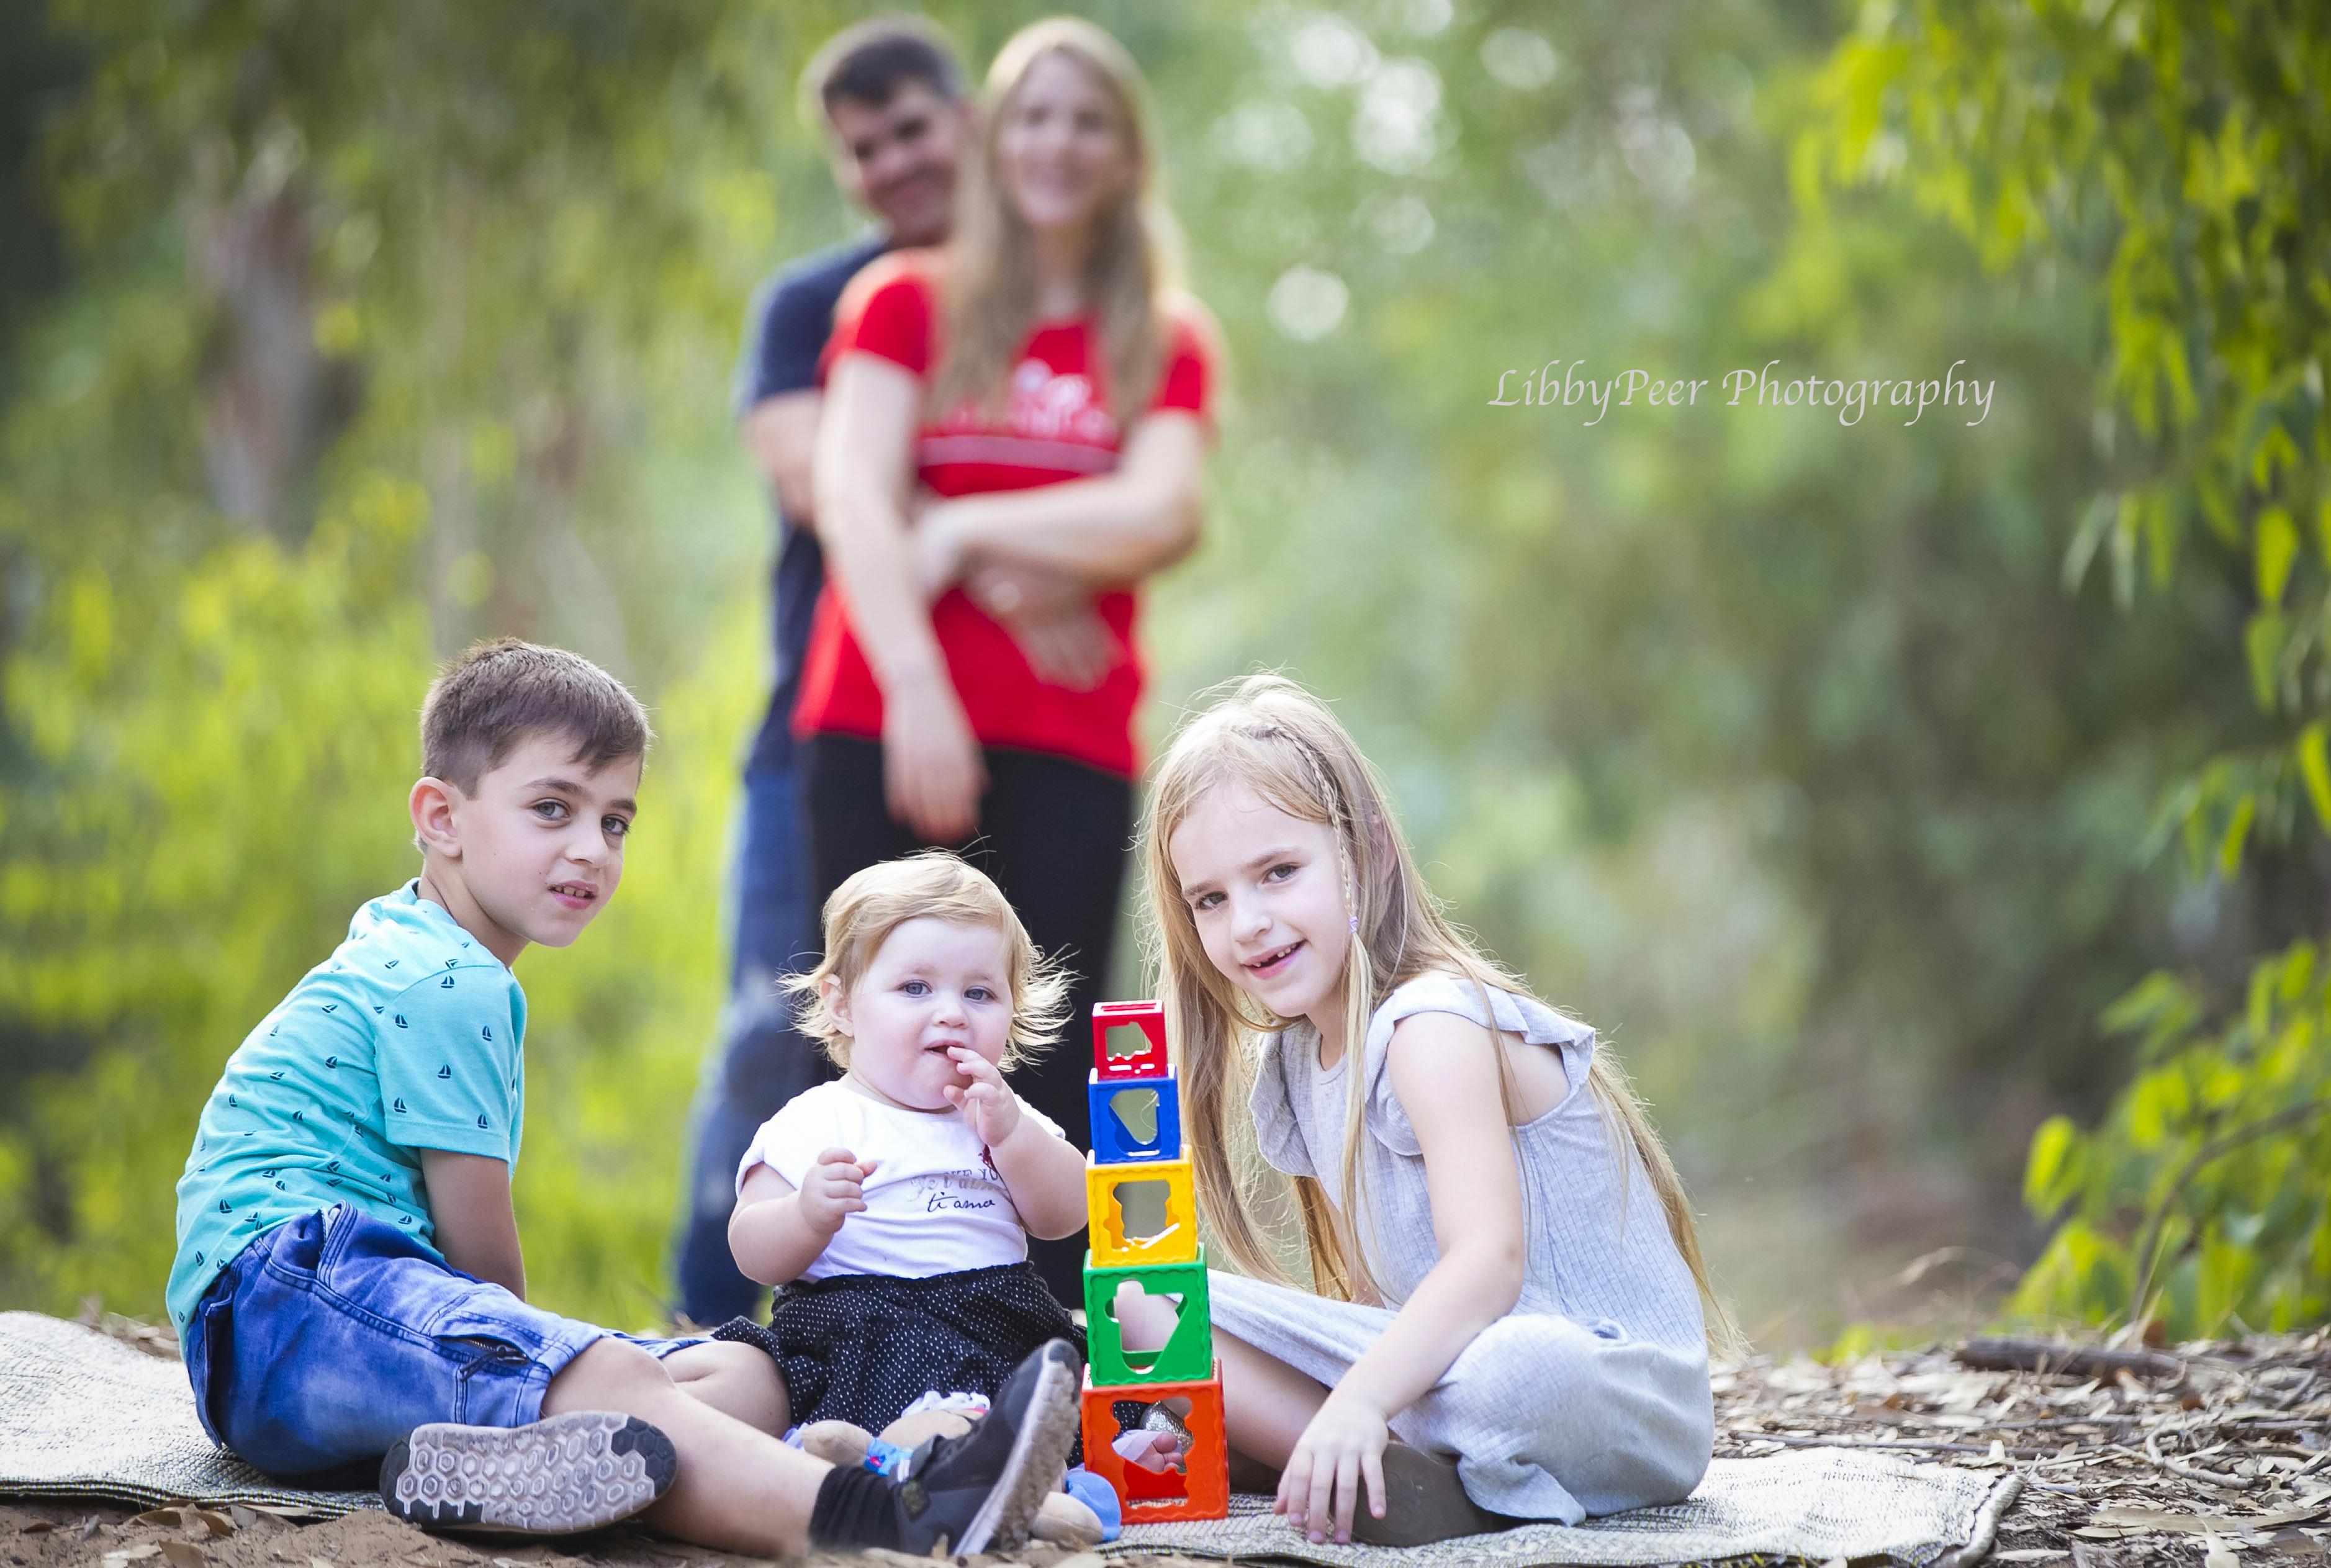 צילומ משפחה